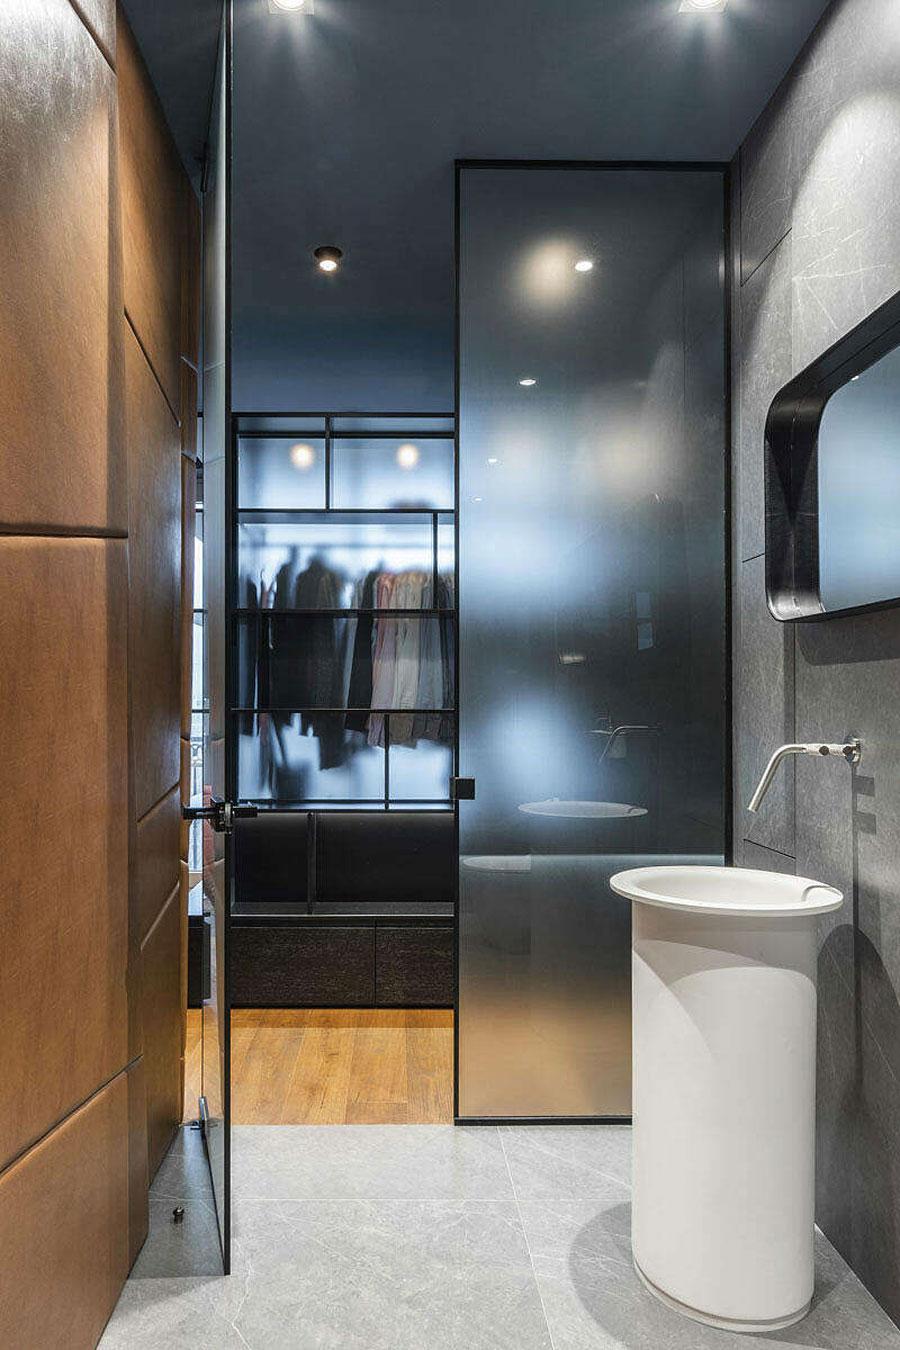 Het ontwerp van deze slaapkamer is gebaseerd op een luxe hotelkamer